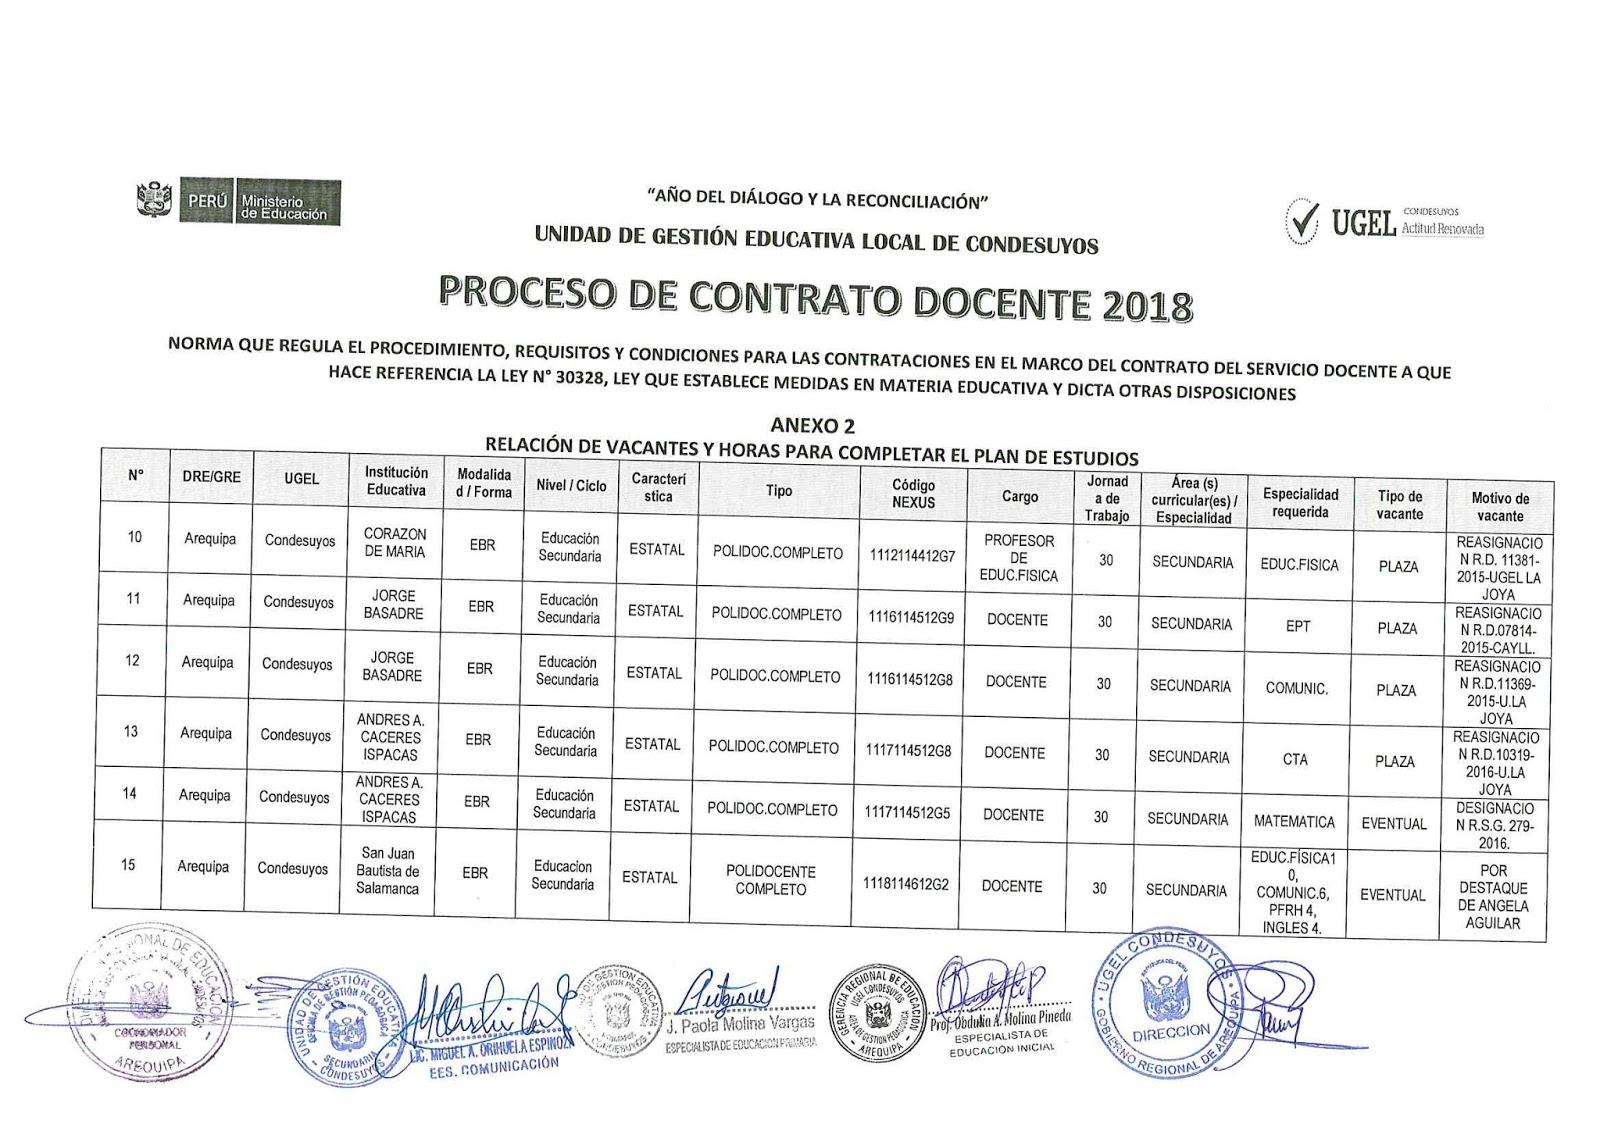 Ugel condesuyos plazas vacantes para contrato docente 2018 for Plazas vacantes concurso docente 2016